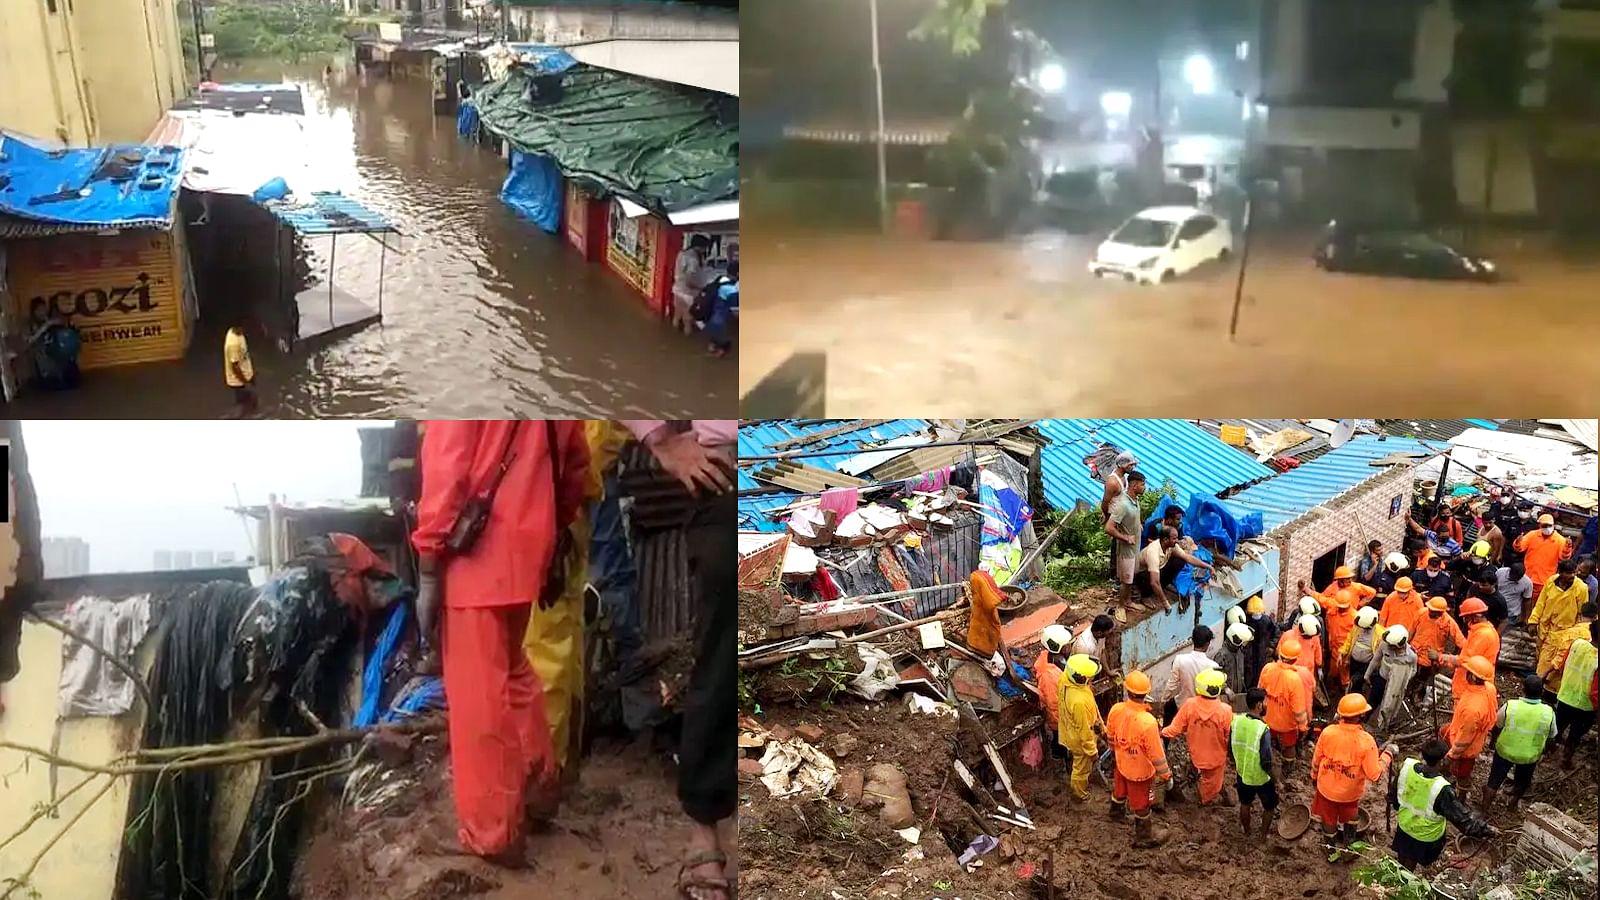 बारिश का कहर: मुंबई में इमारत गिरने से हुआ बड़ा हादसा, 3 की मौत 10 घायल